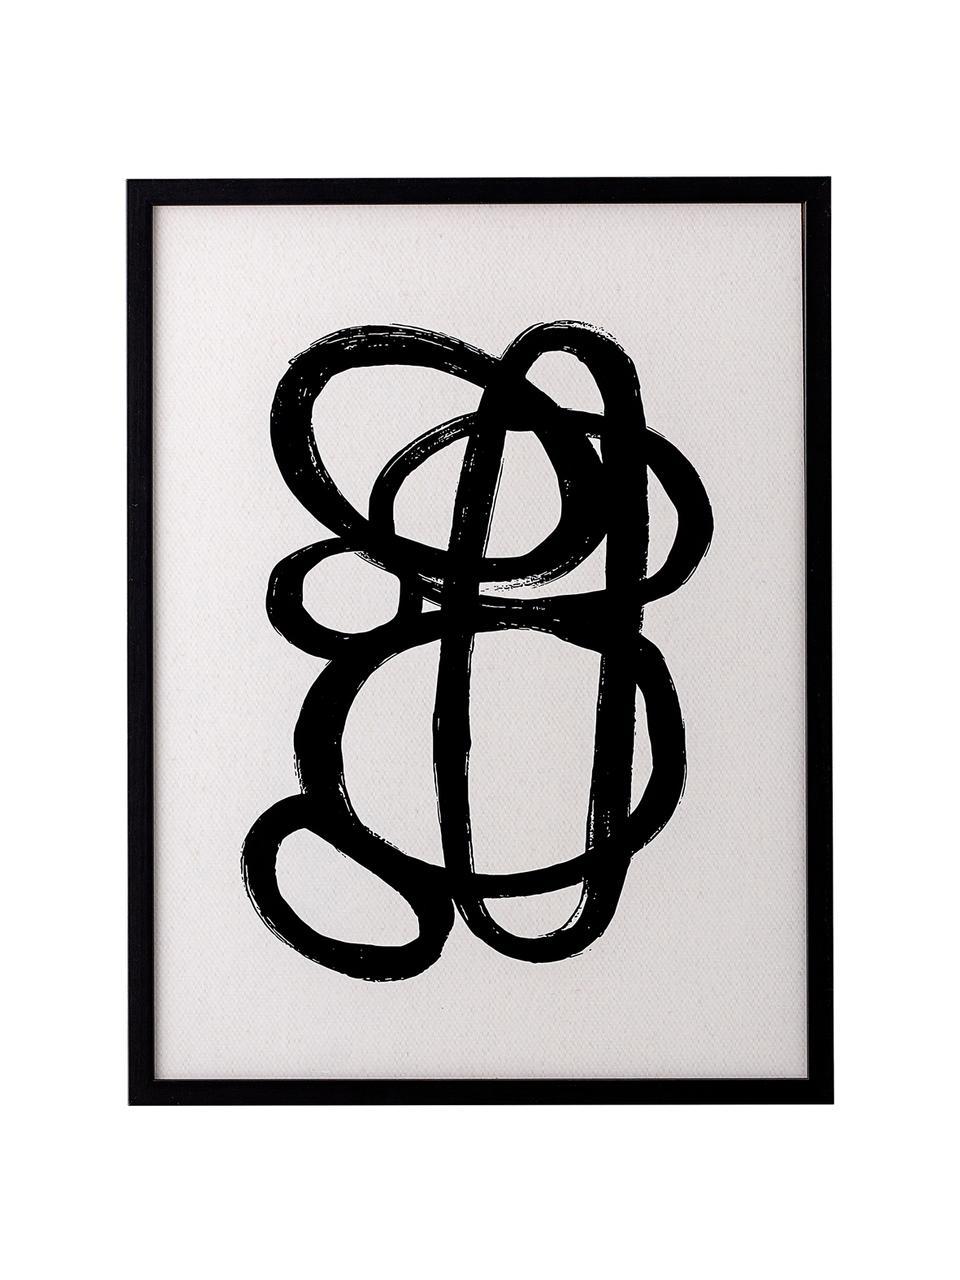 Gerahmter Digitaldruck Doris, Rahmen: Kiefernholz, Bild: Digitaldruck auf Papier, Front: Glas, Schwarz, 32 x 42 cm